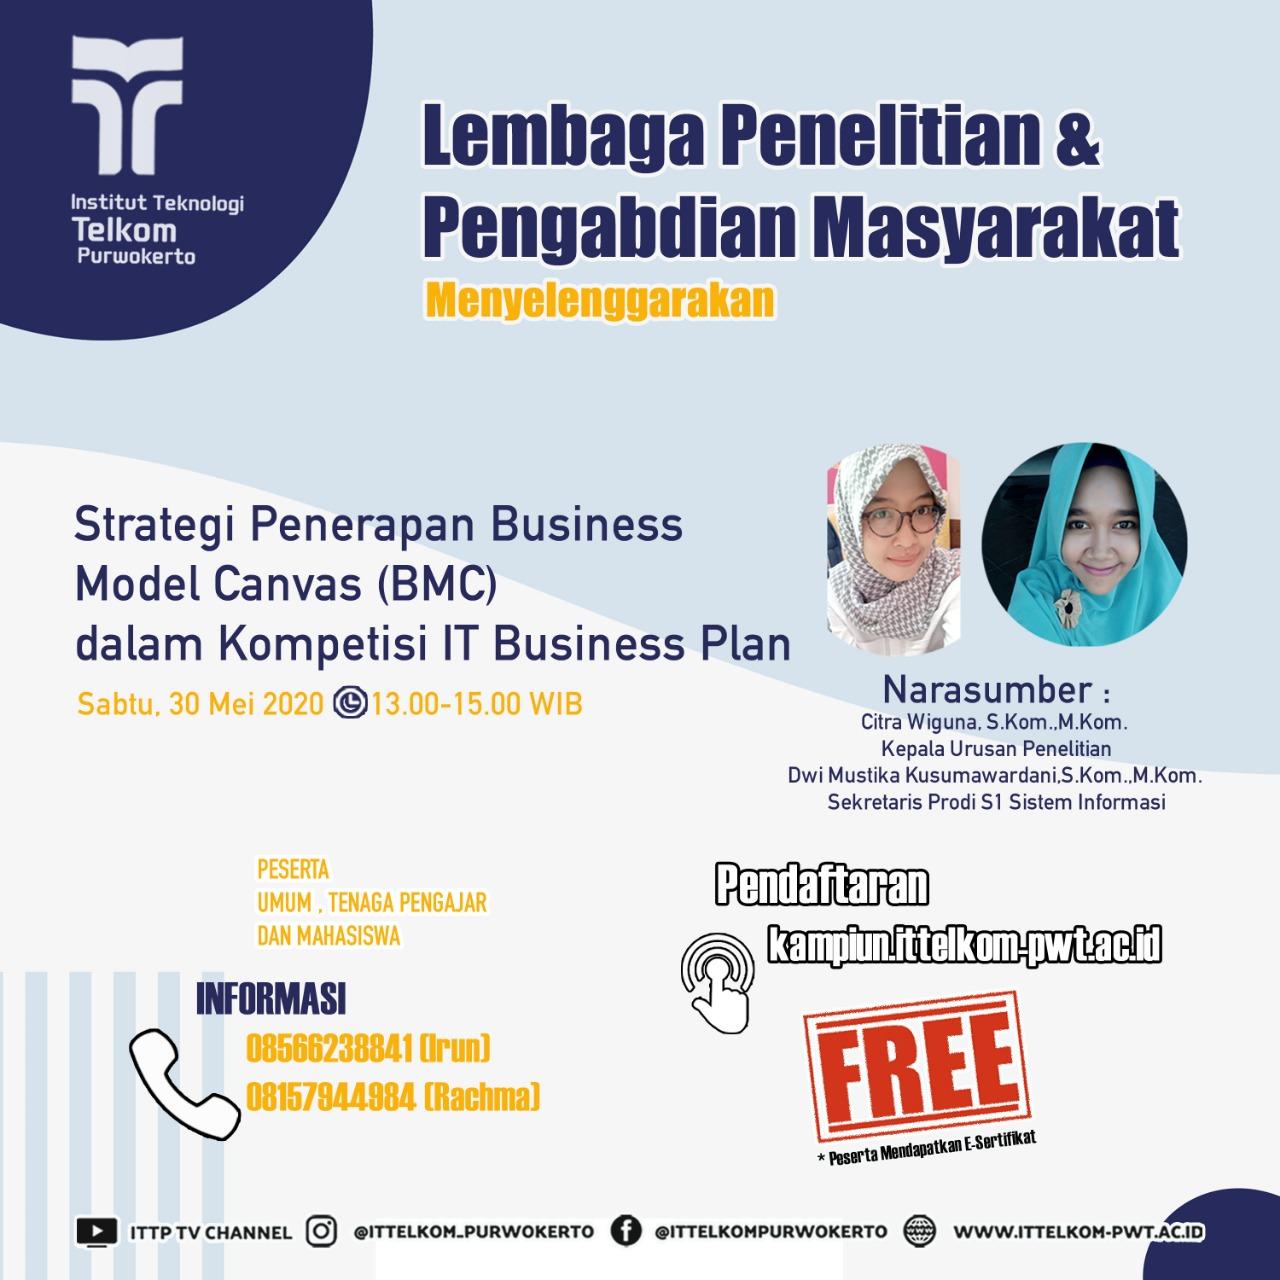 Strategi Penerapan Business Model Canvas (BMC) dalam Kompetisi IT Business Plan